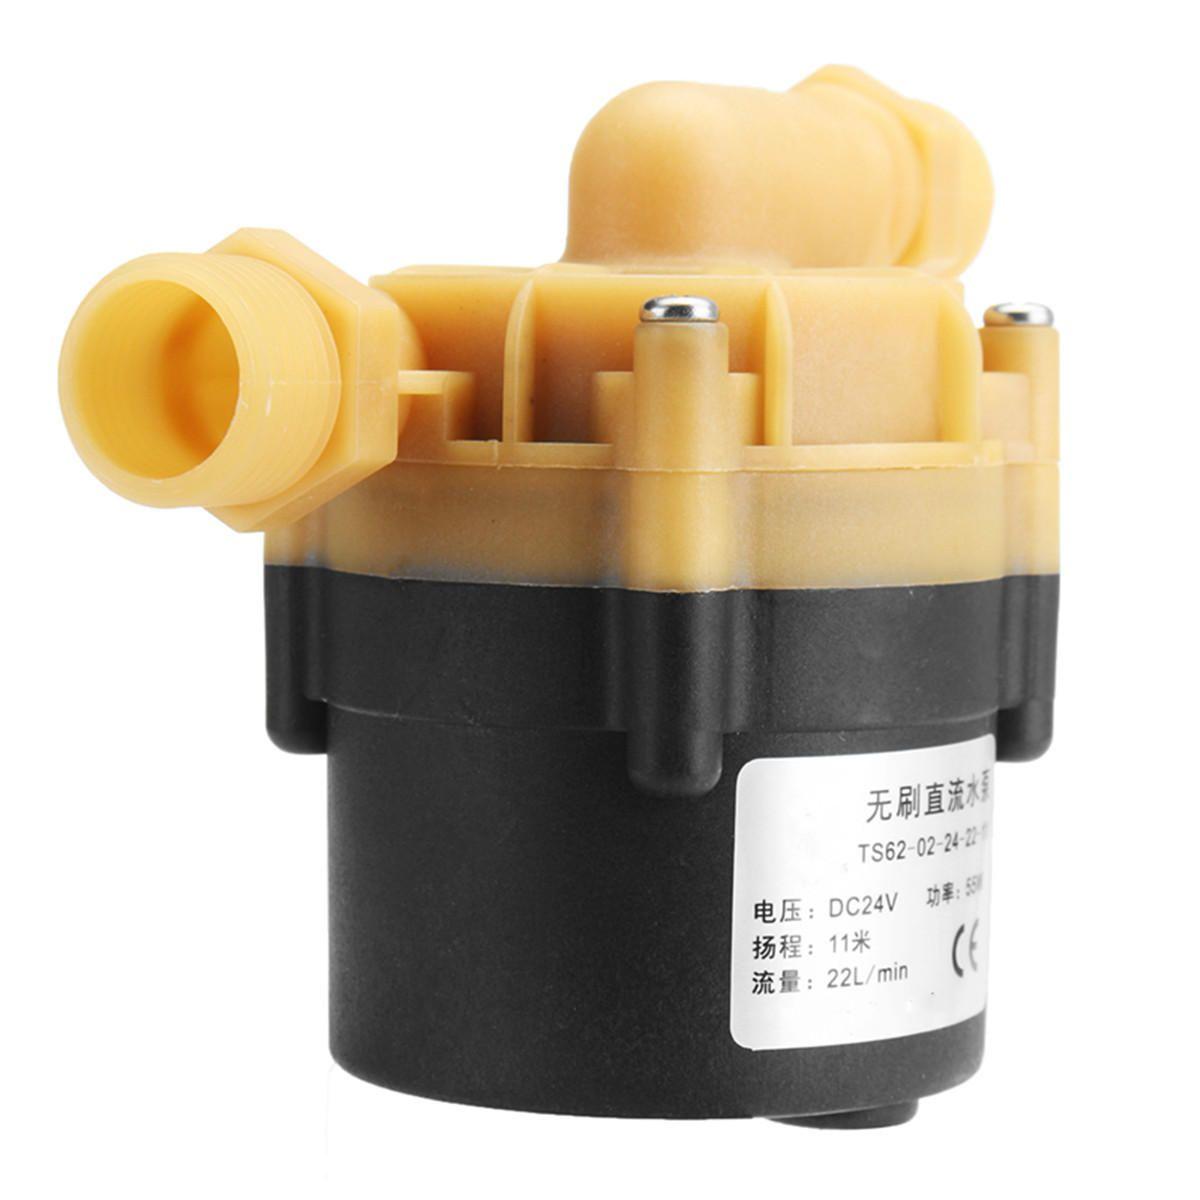 BXP US$40.42 DC 24V 55W Hot Water Pump Mini Booster Pump 22L/min 11M For Chiller Machine